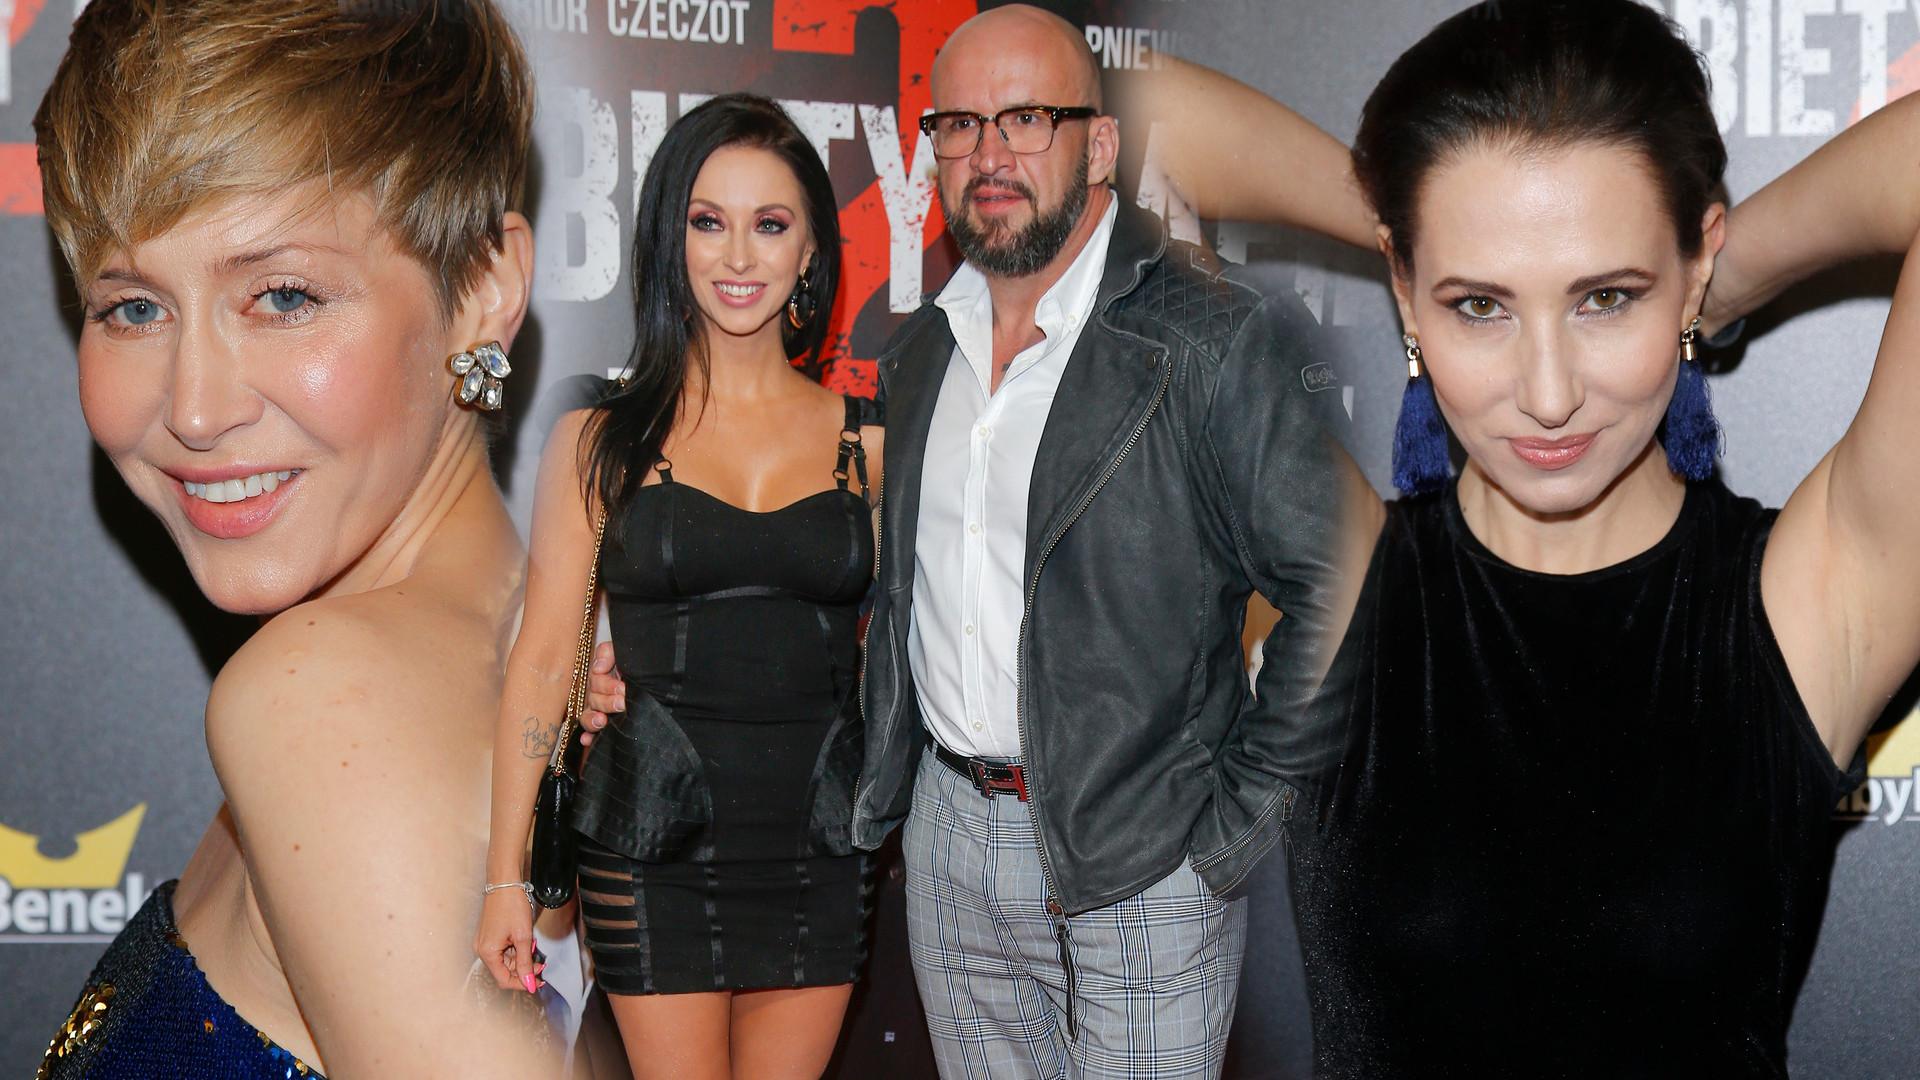 Premiera Kobiet Mafii 2. Tomasz Oświeciński z byłą żoną, szykowna Katarzyna Warnke i inne gwiazdy